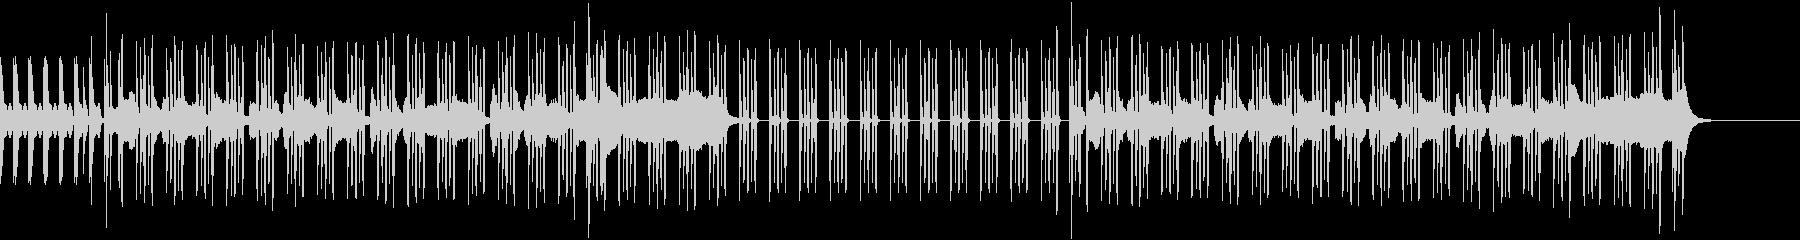 自然色の強いシンセ音にノリの良いリズムの未再生の波形